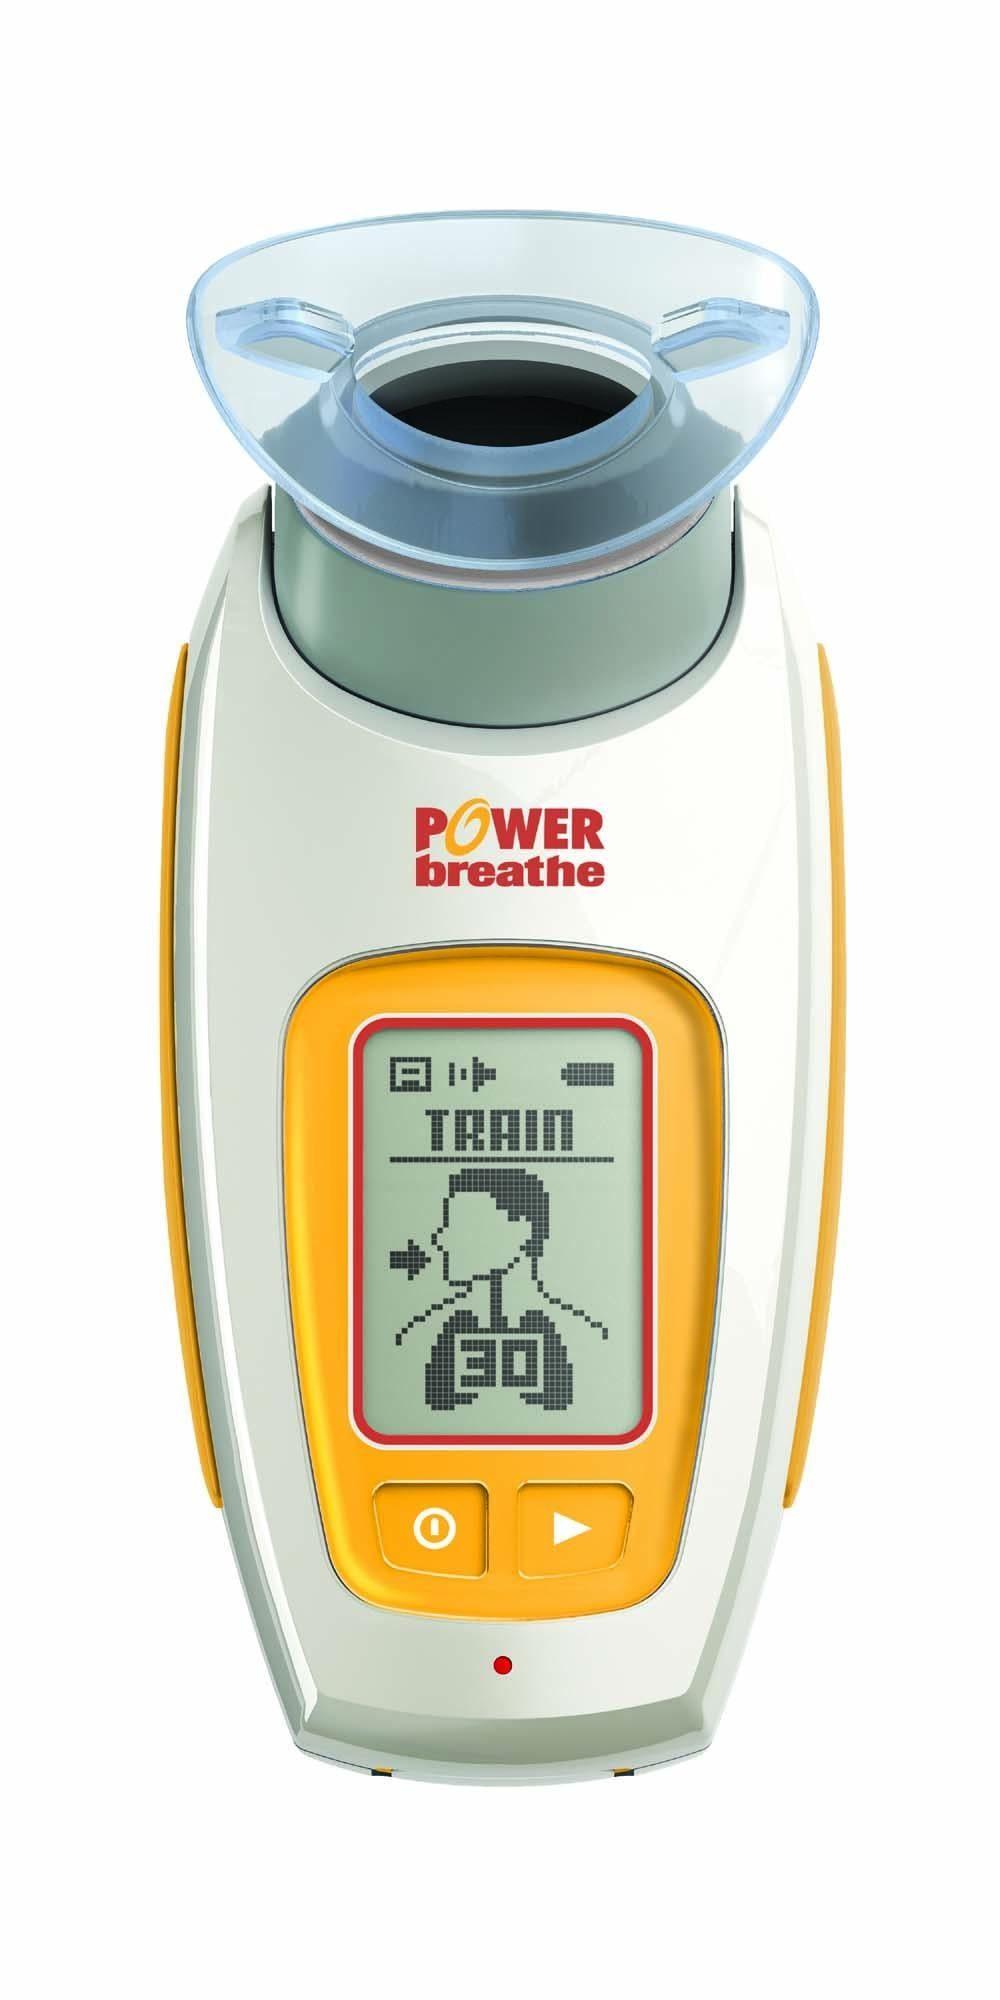 Дыхательный тренажер POWERbreathe K2